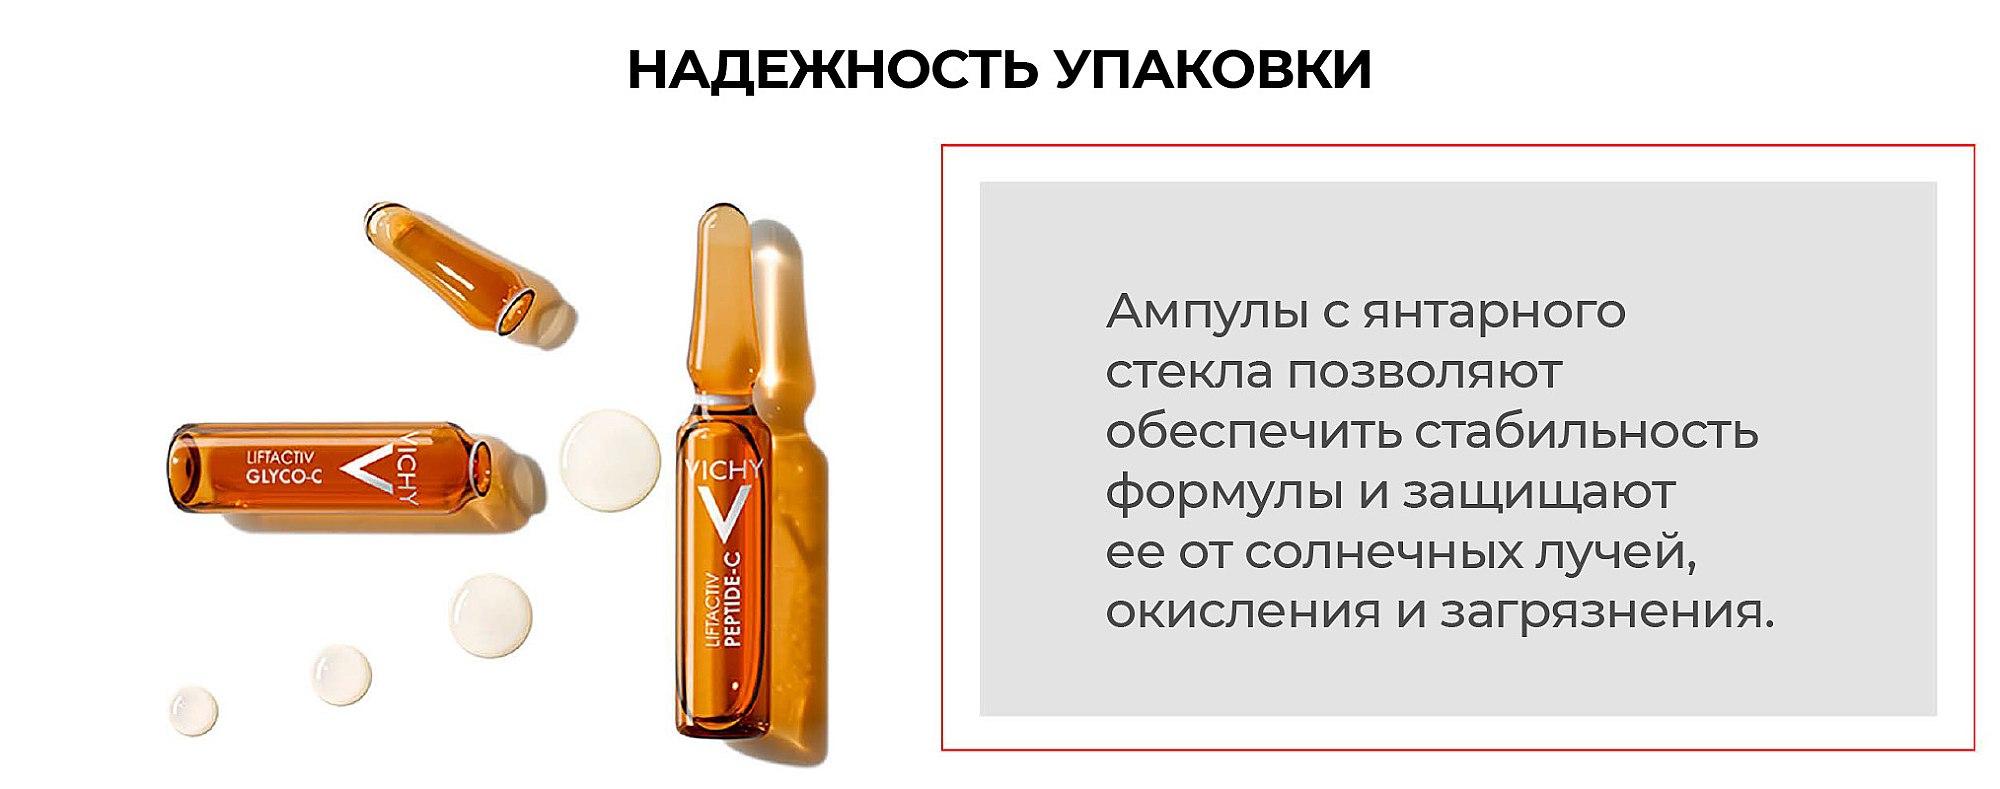 LiftActiv